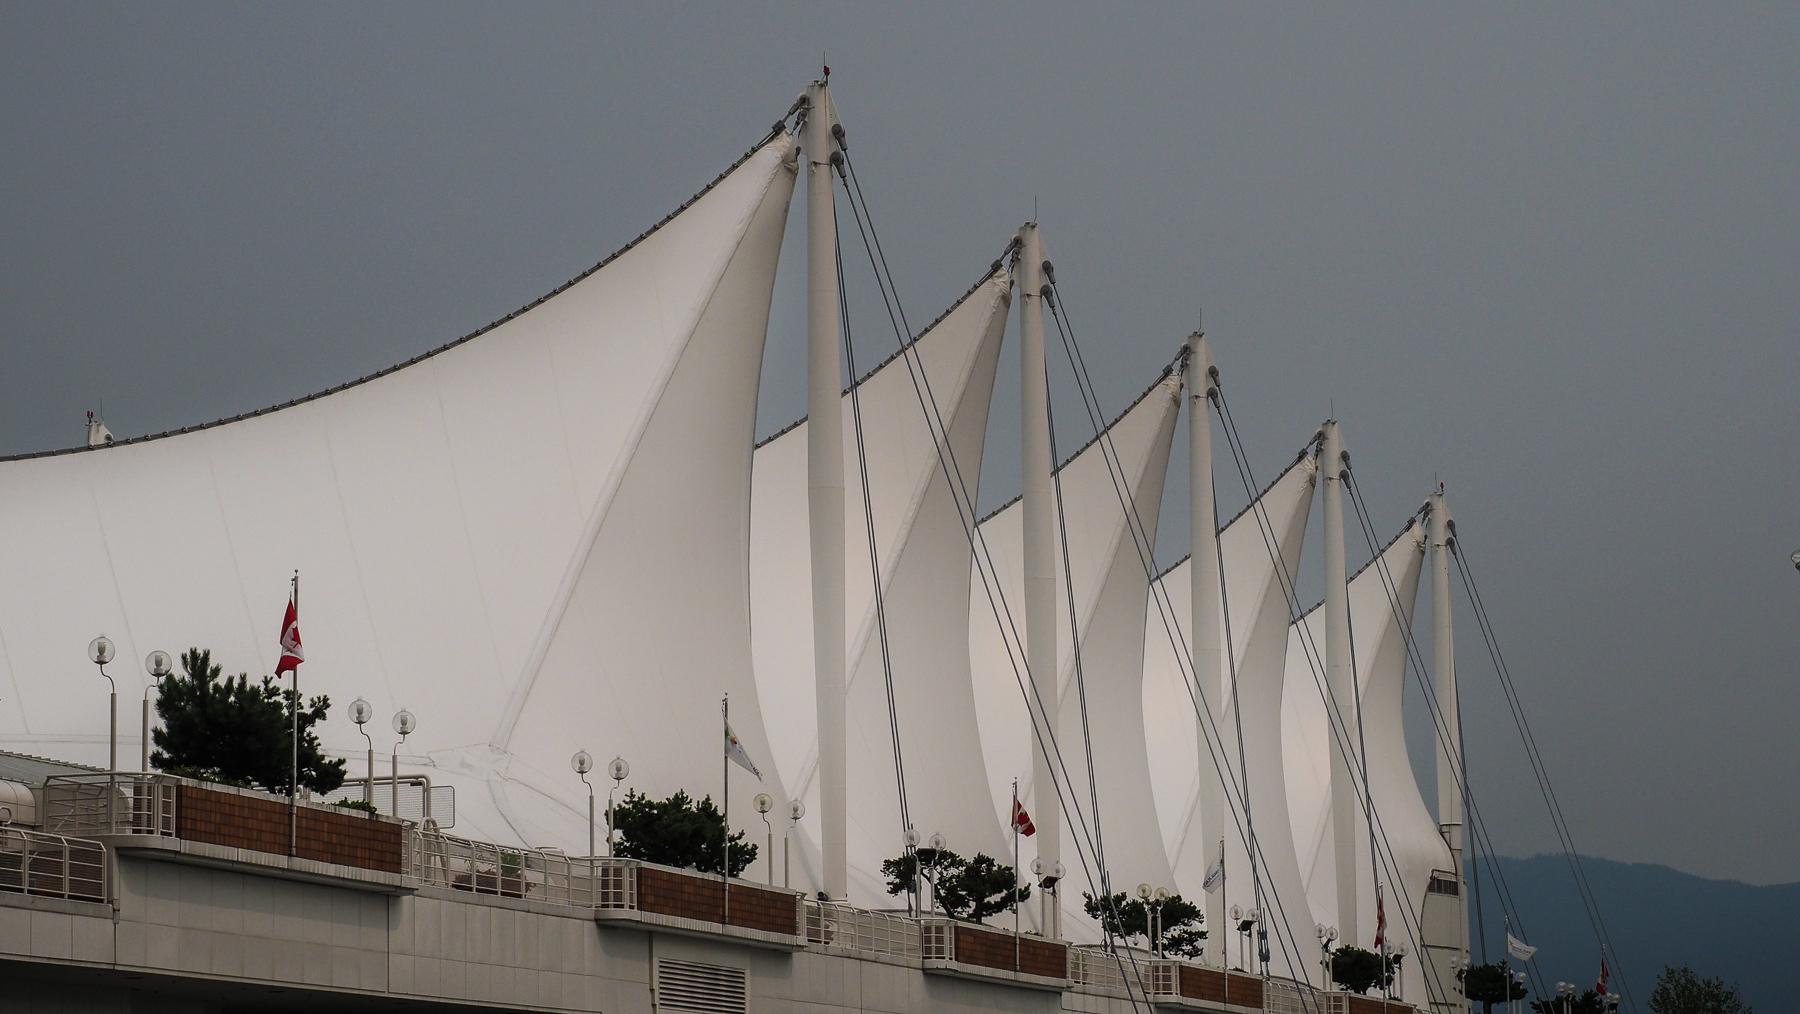 Canada Place und Anlegestelle der Kreuzfahrschiffe